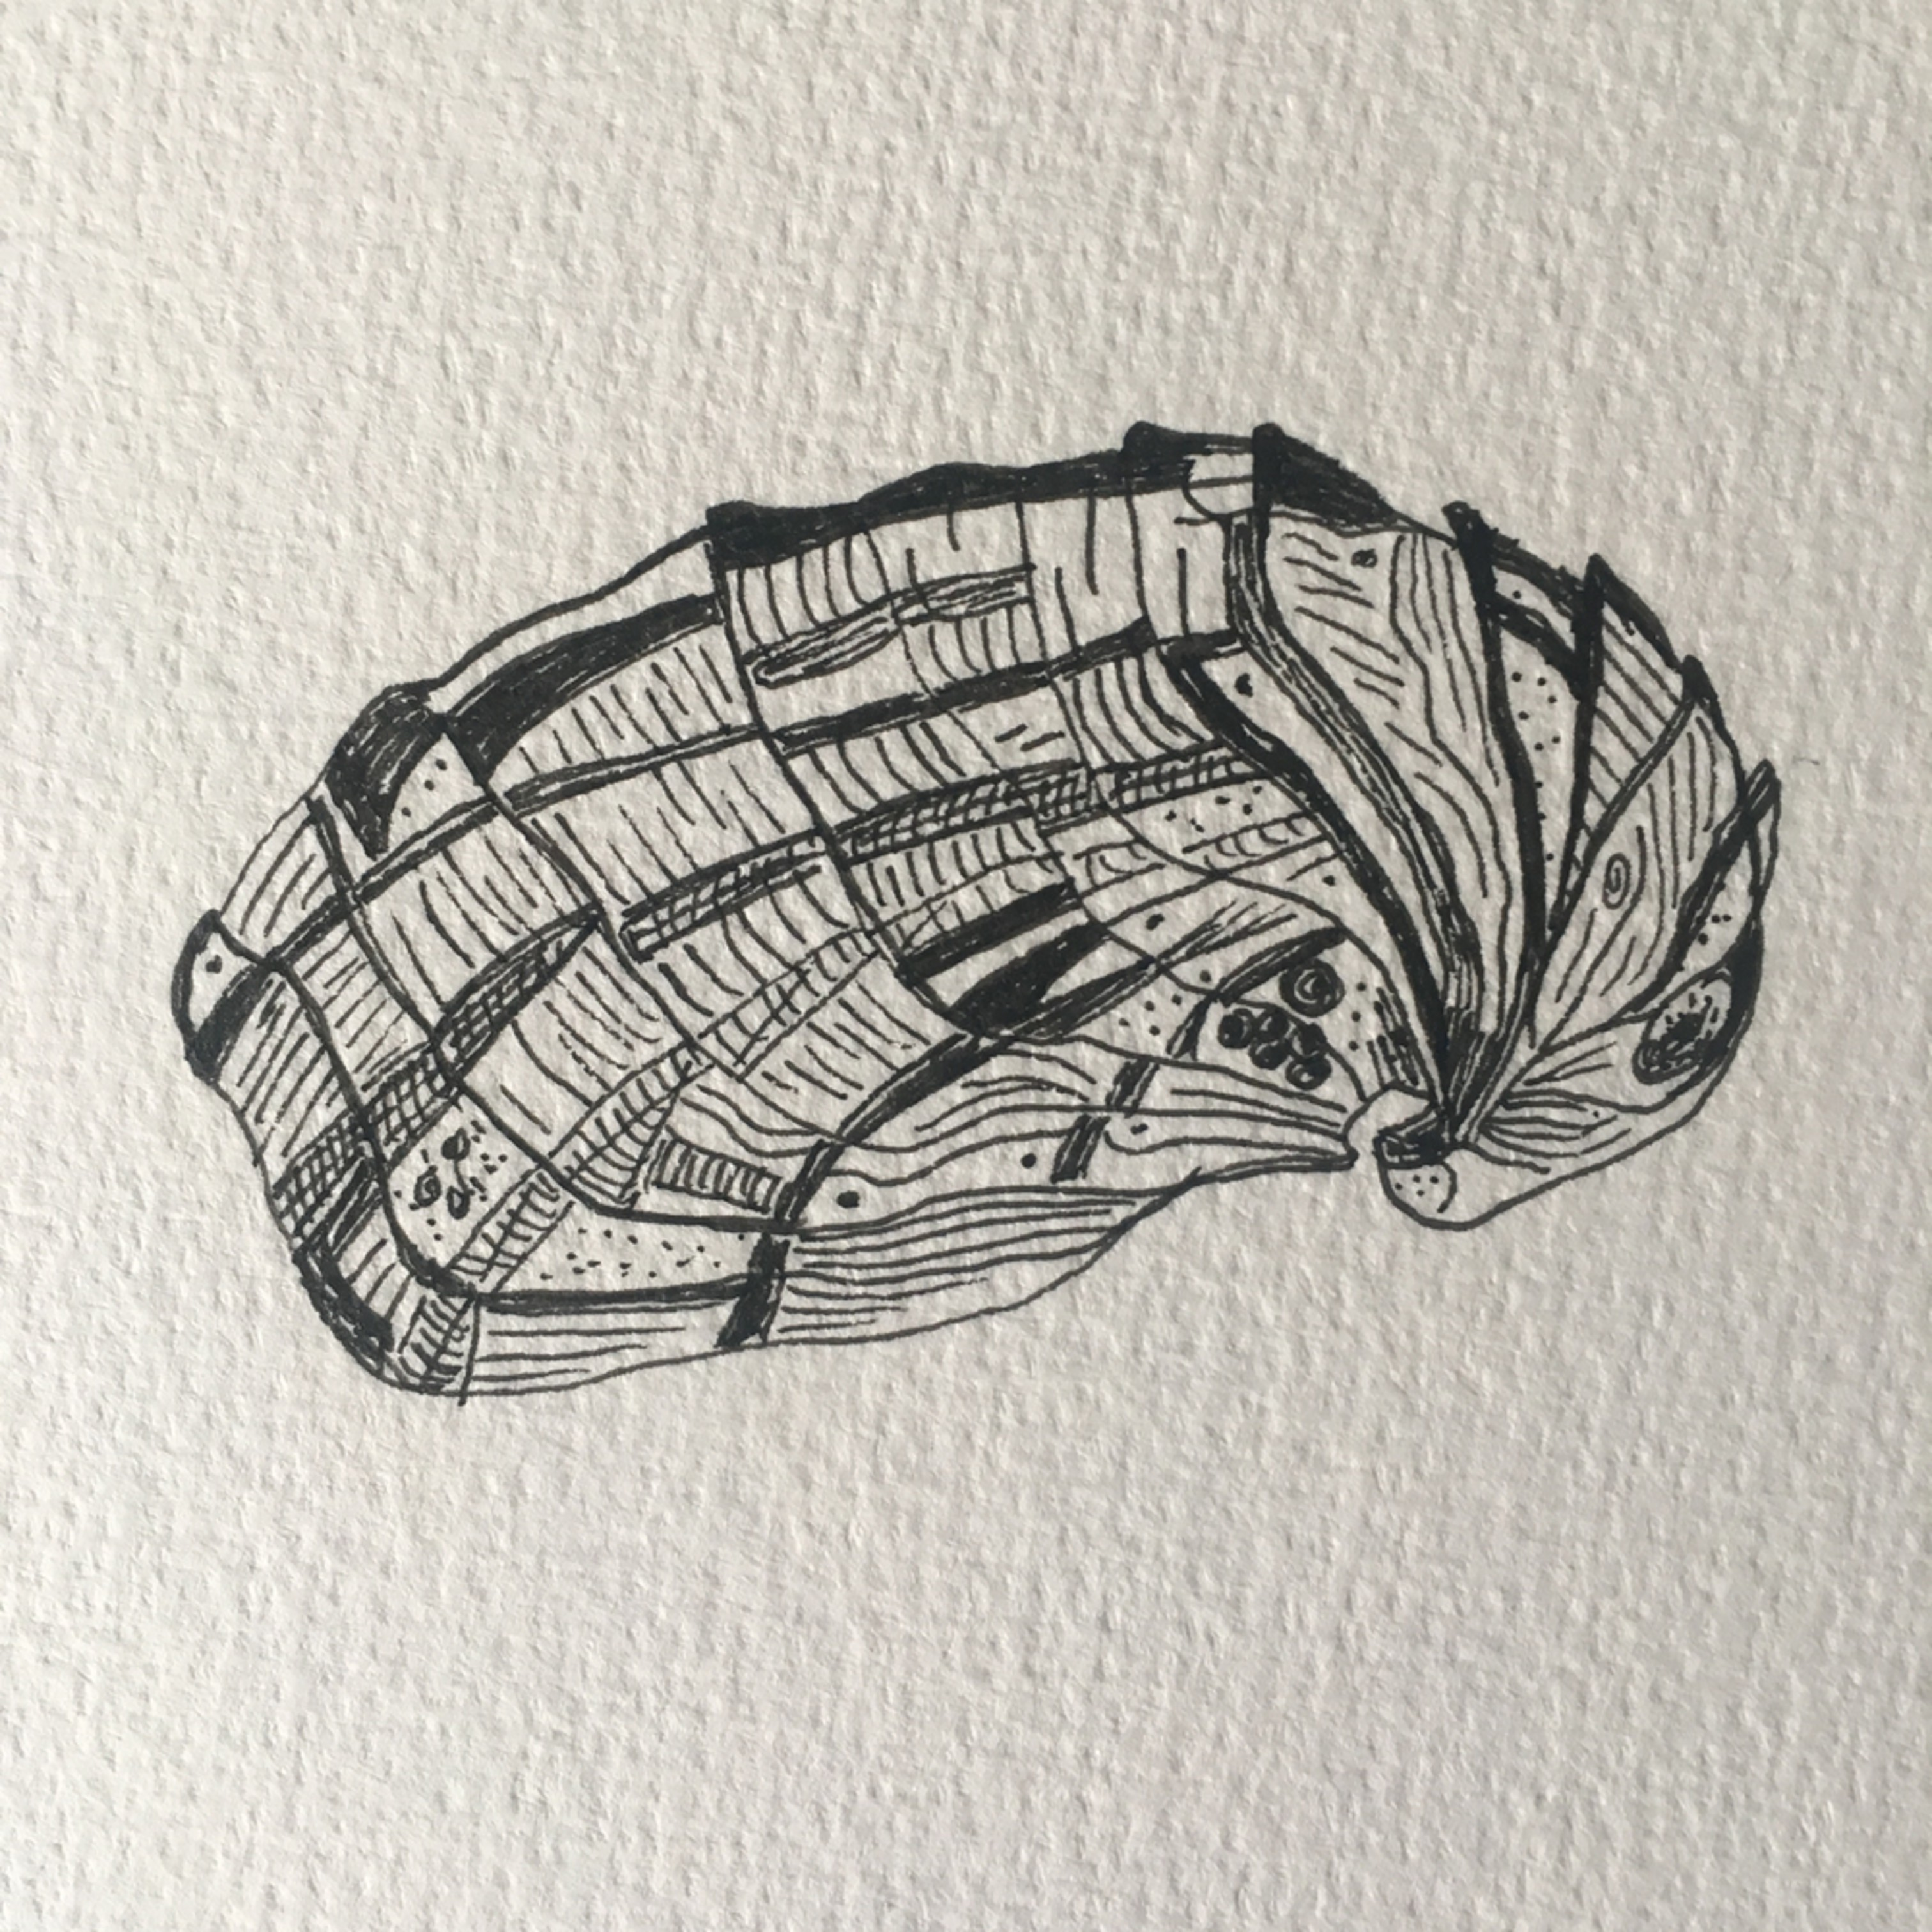 Borg shannon oyster 03 llqrmd